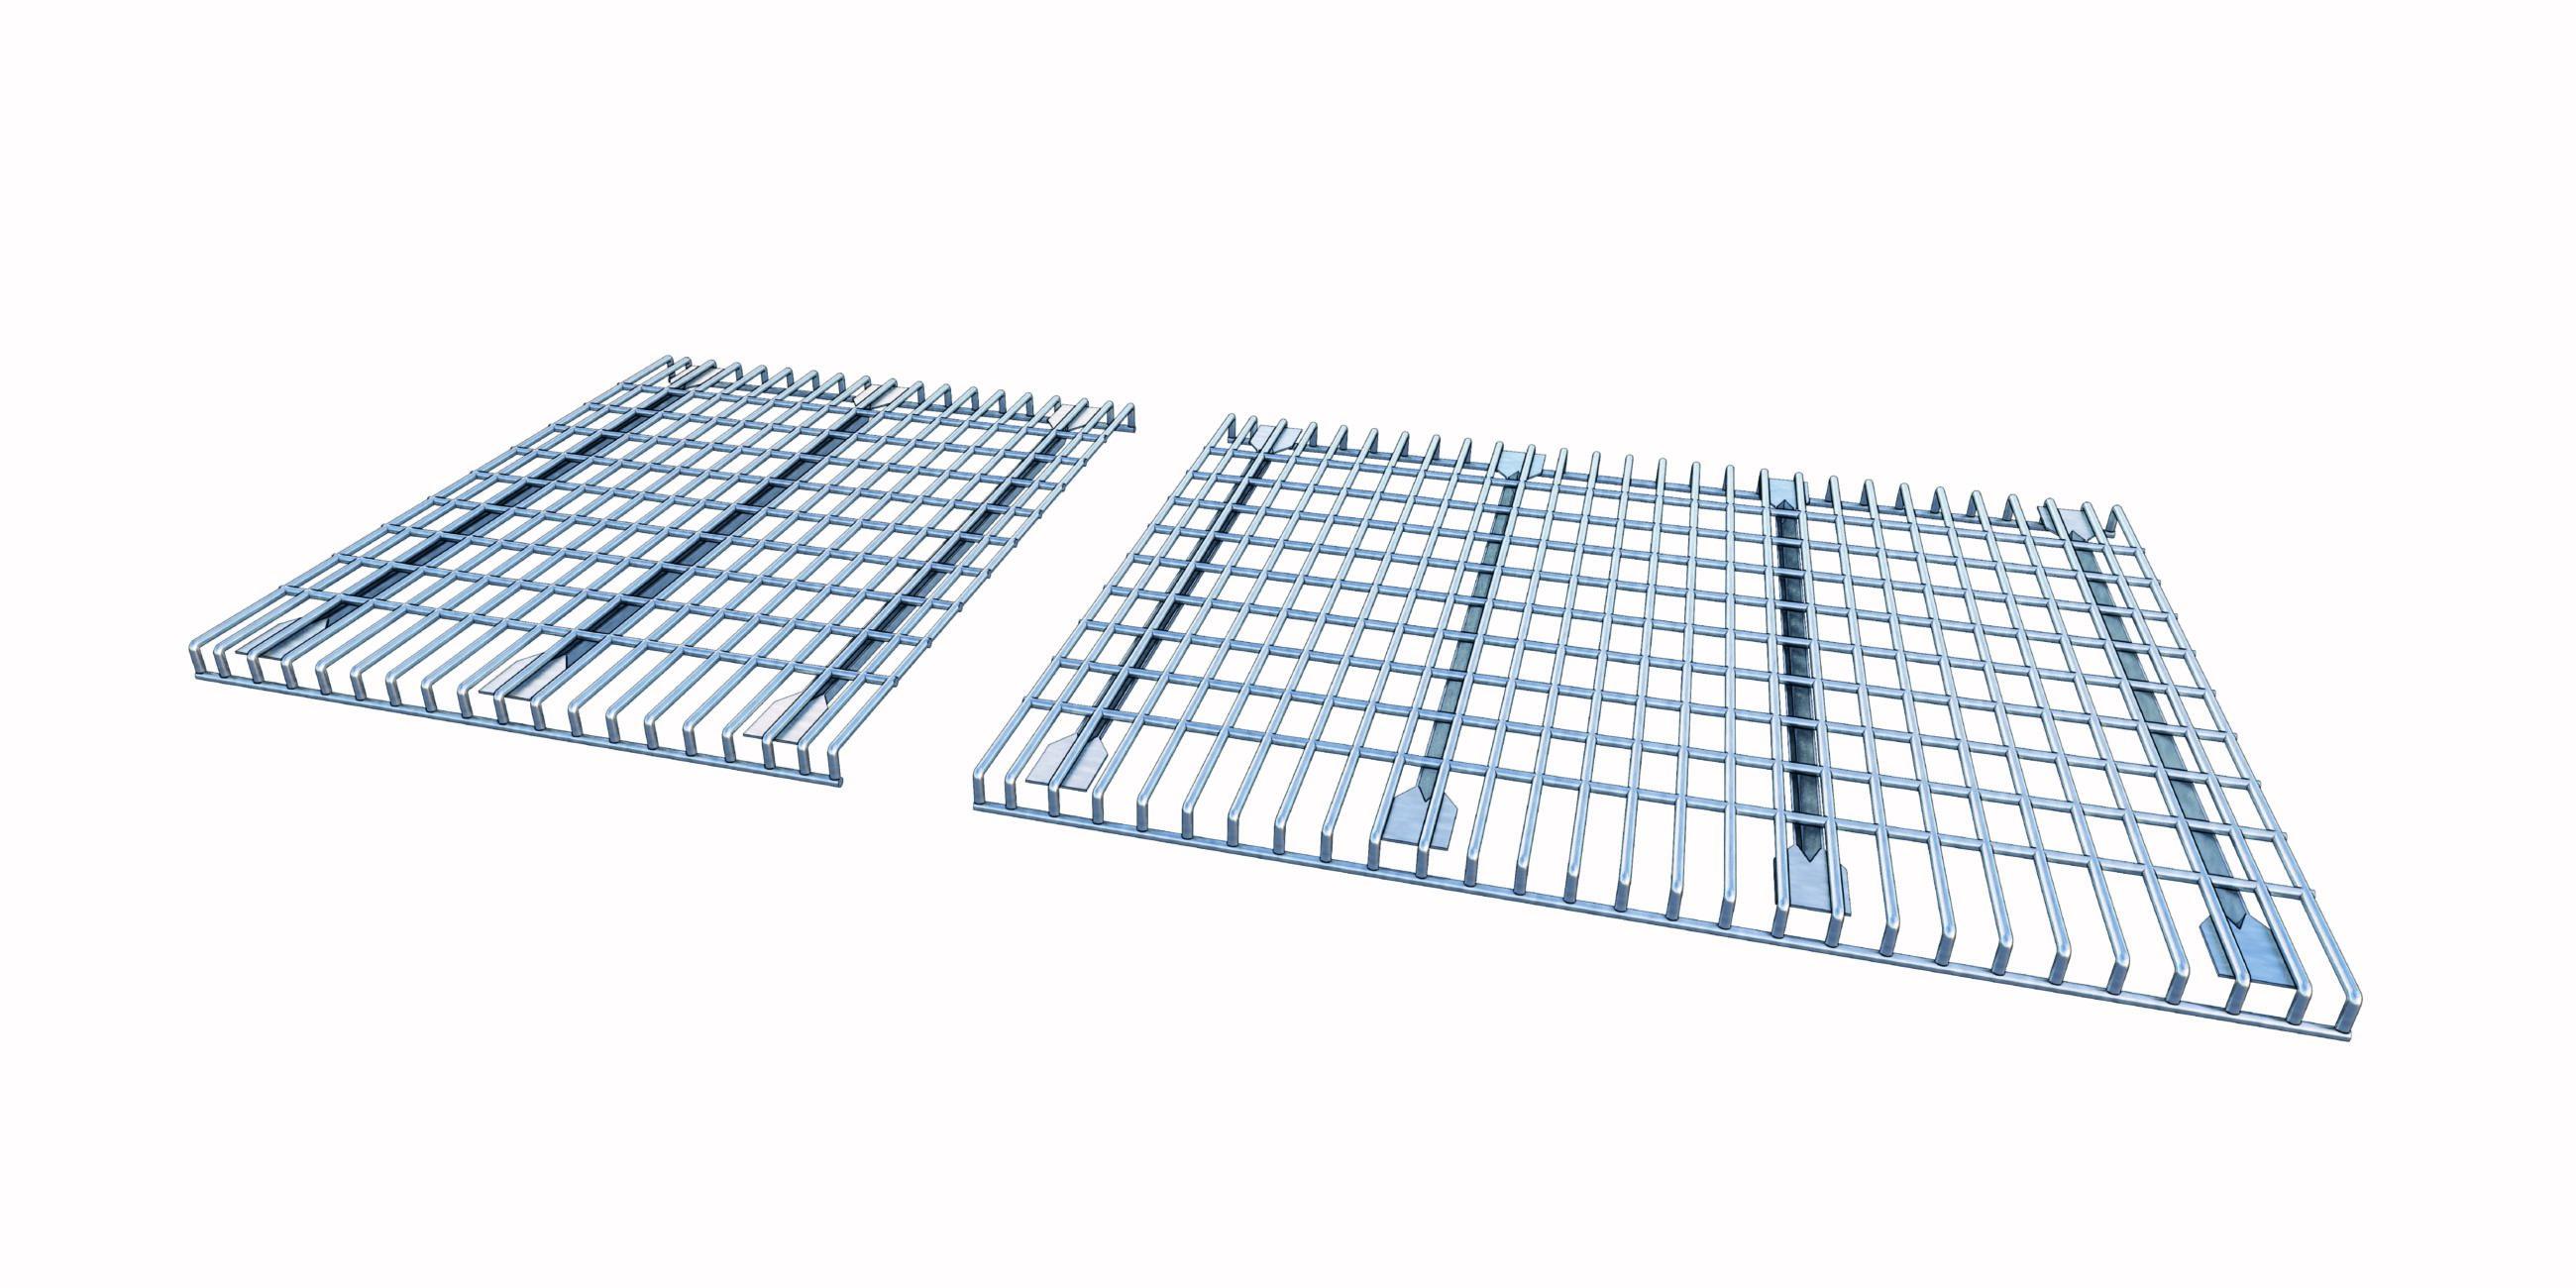 Palletstellingen gaasborden gaasroosters mesh grid shelving